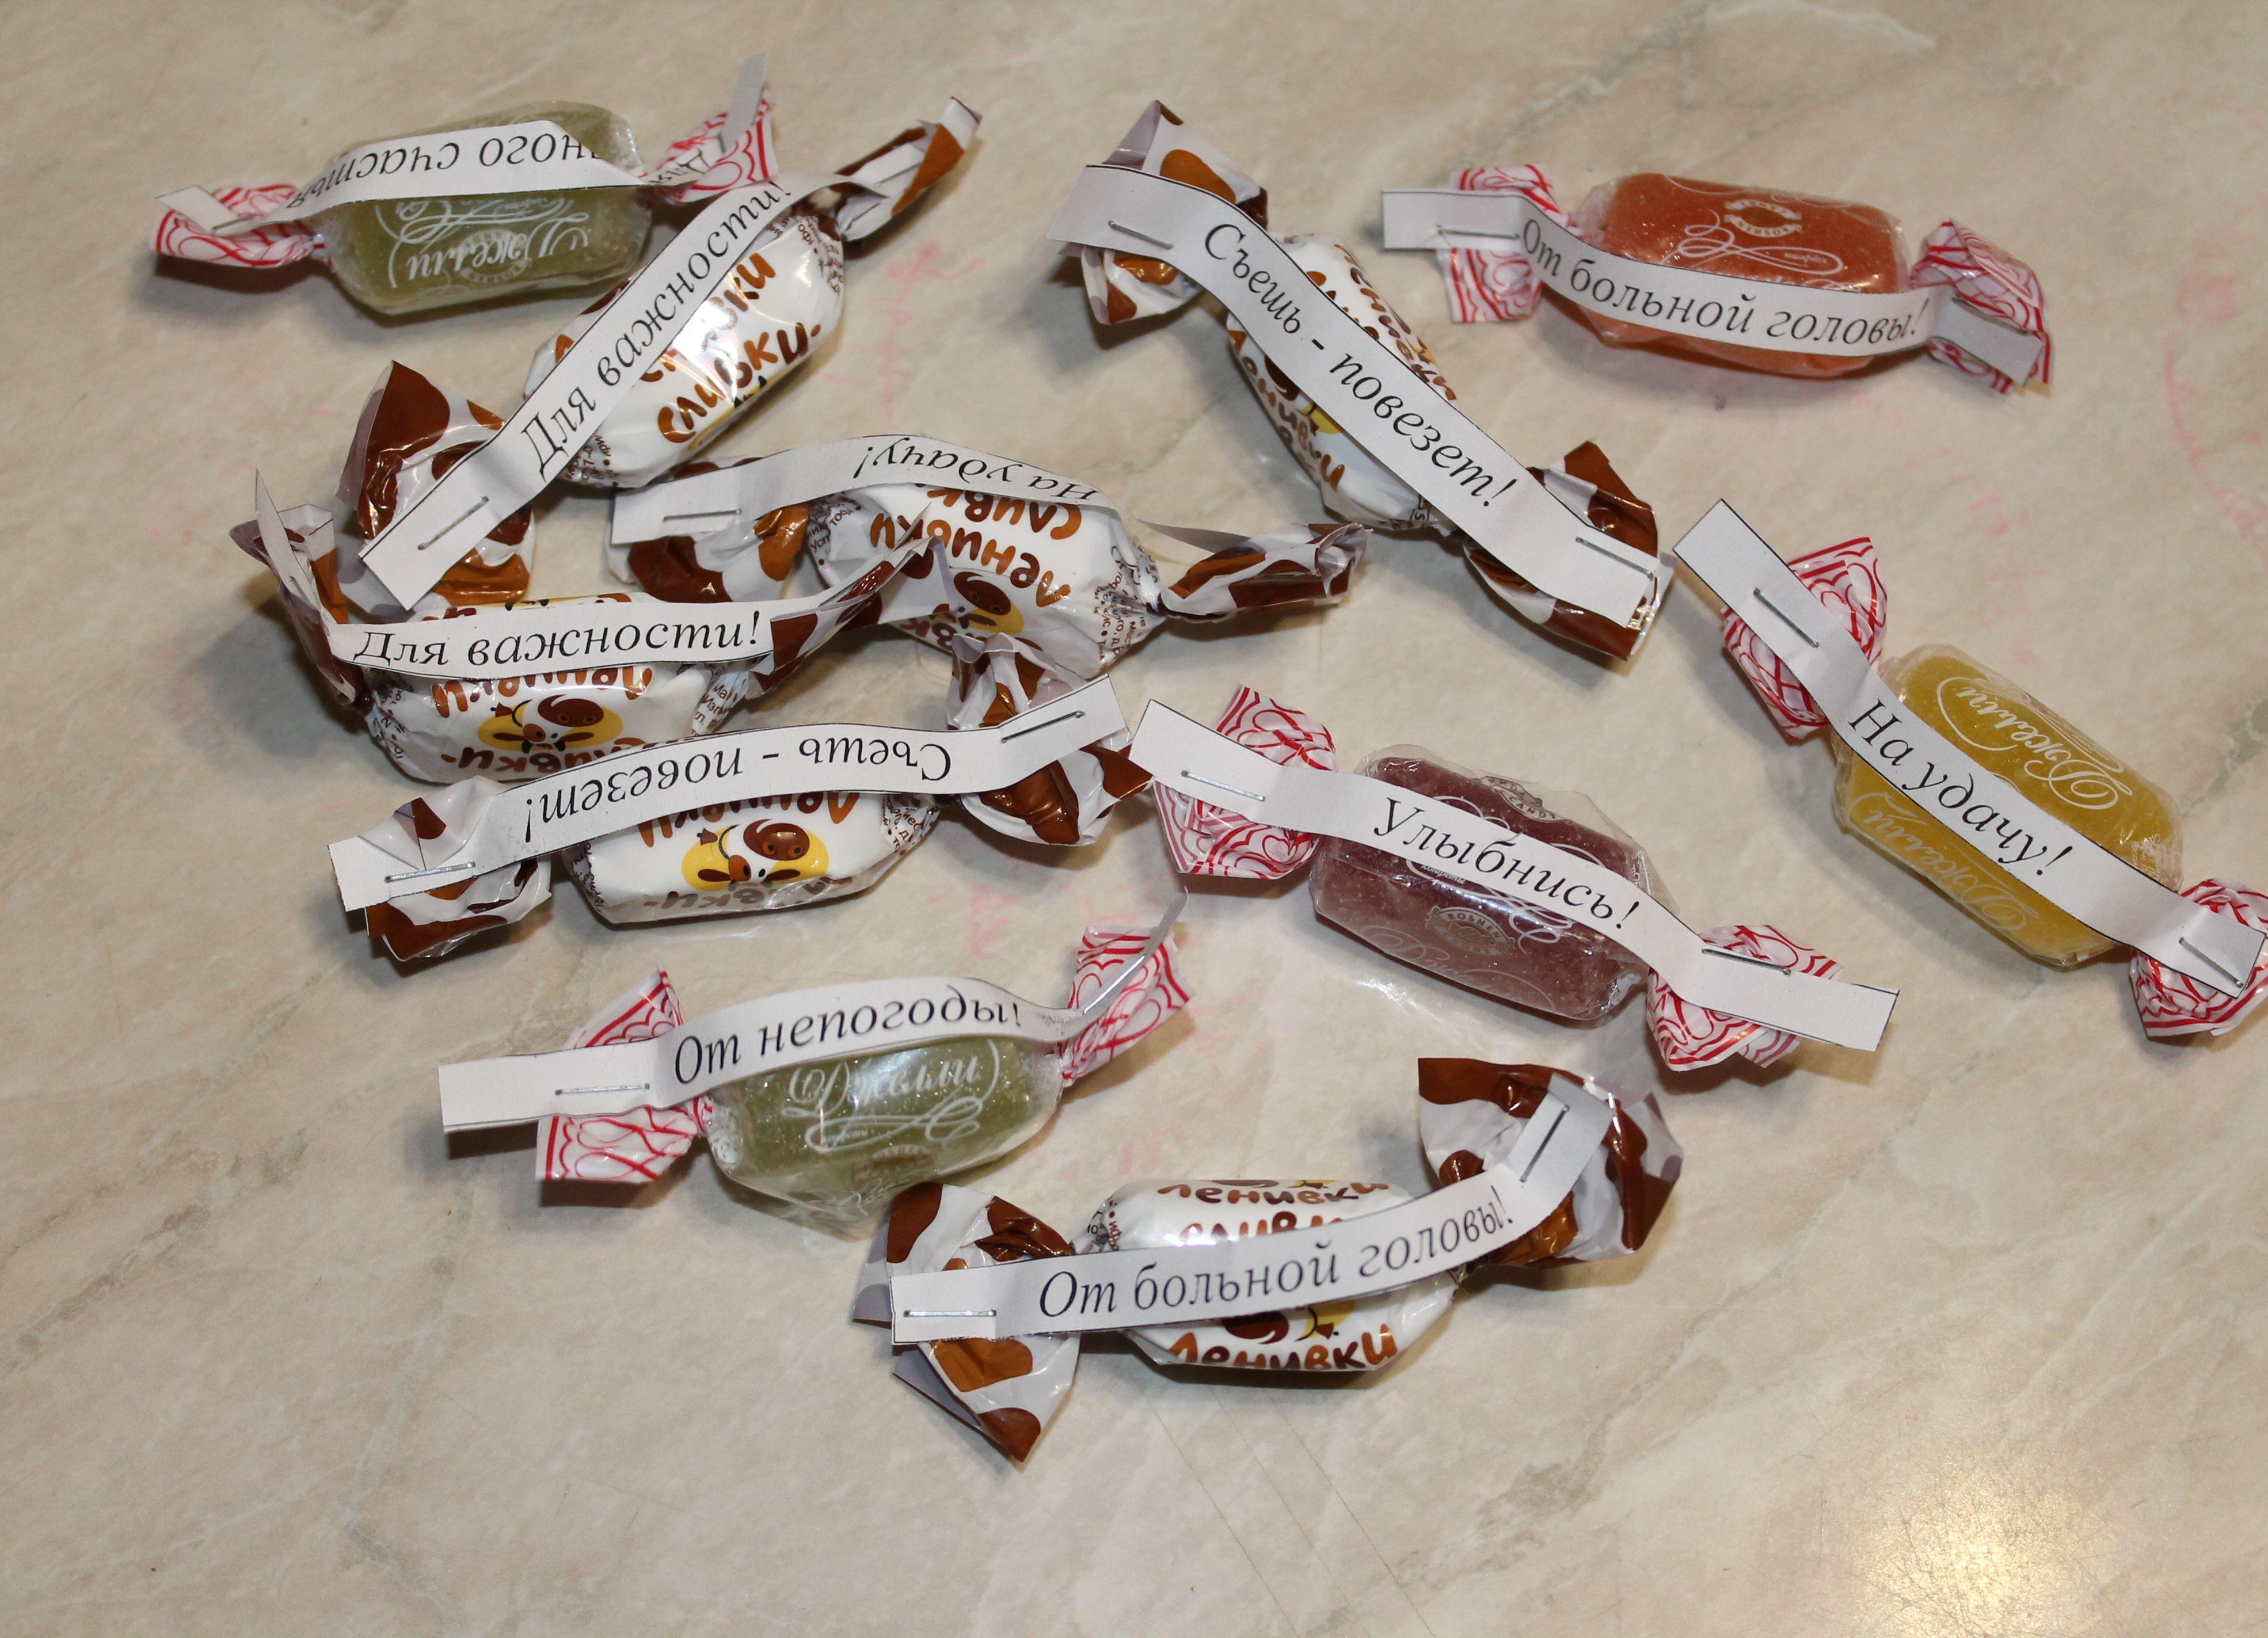 поздравления к маленьким подарочкам конфеты контрастной вставкой